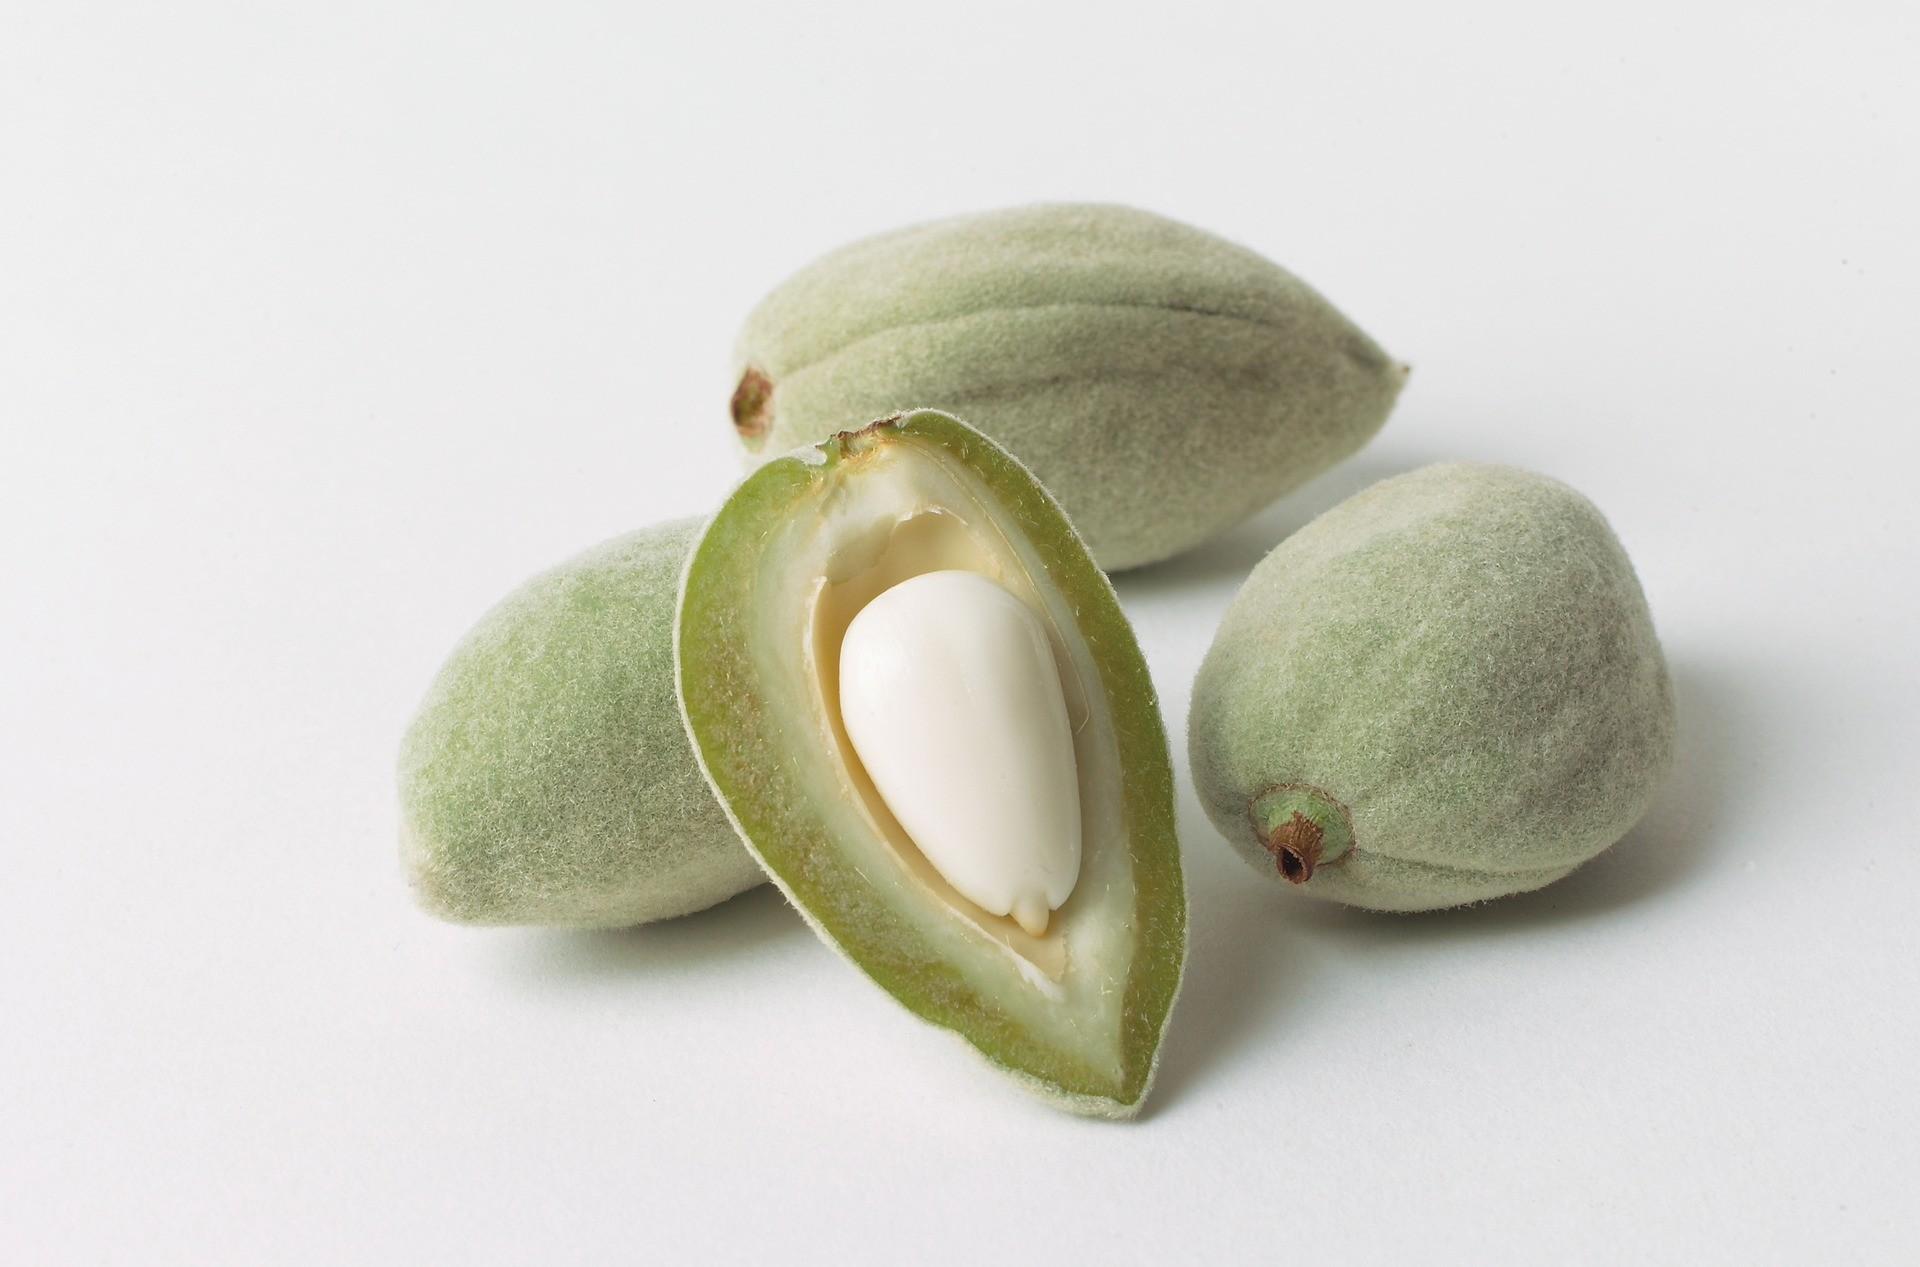 raw almond, amande cru